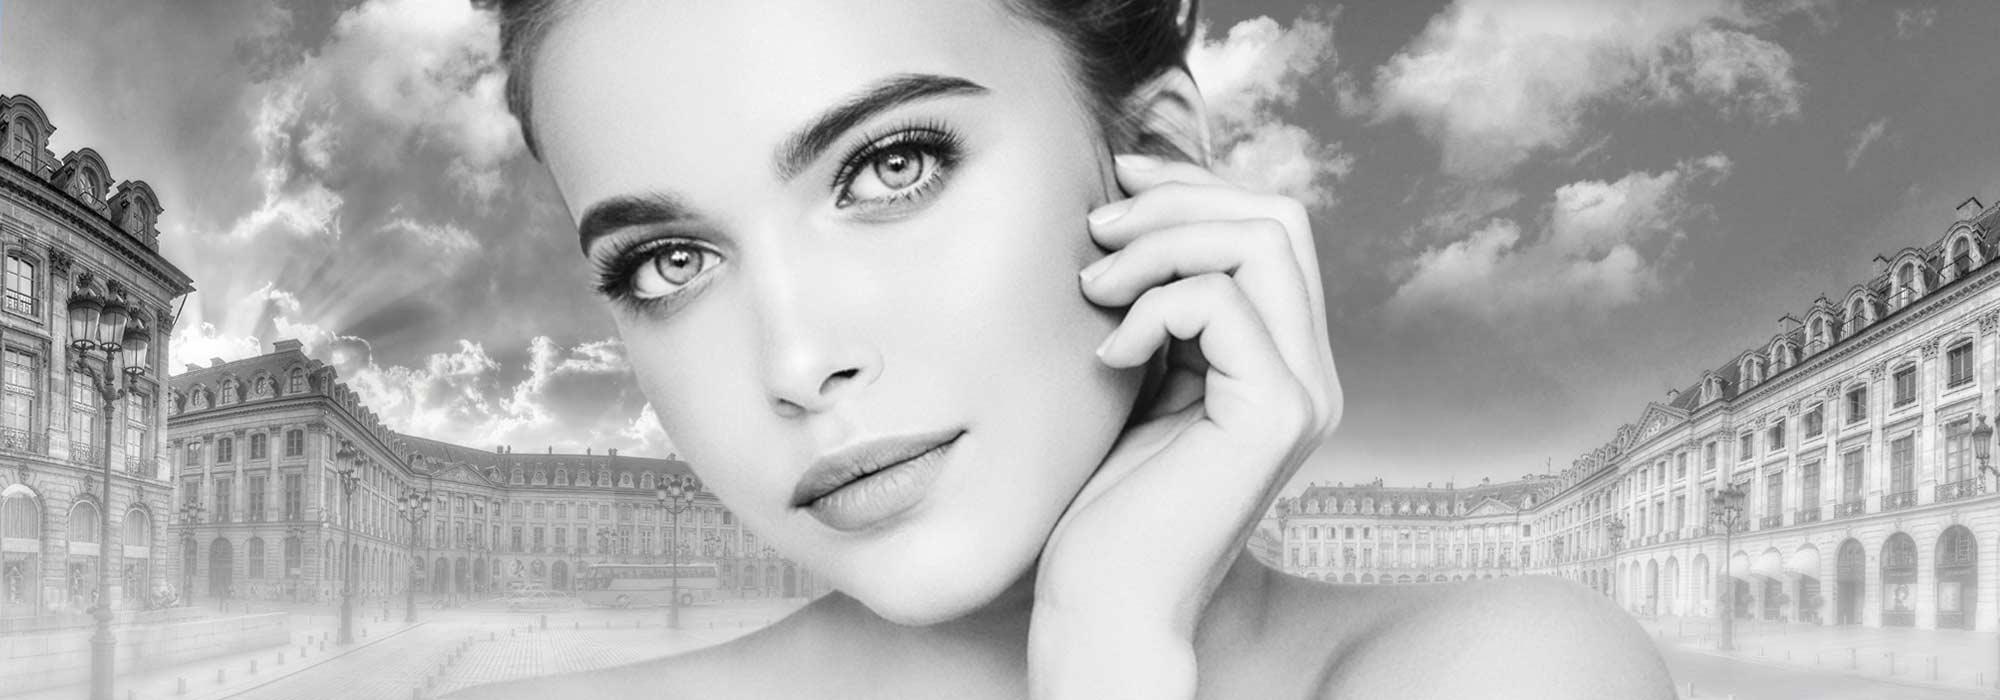 Tempes et sourcils acide haluronique Paris 01 Dr Cozanet